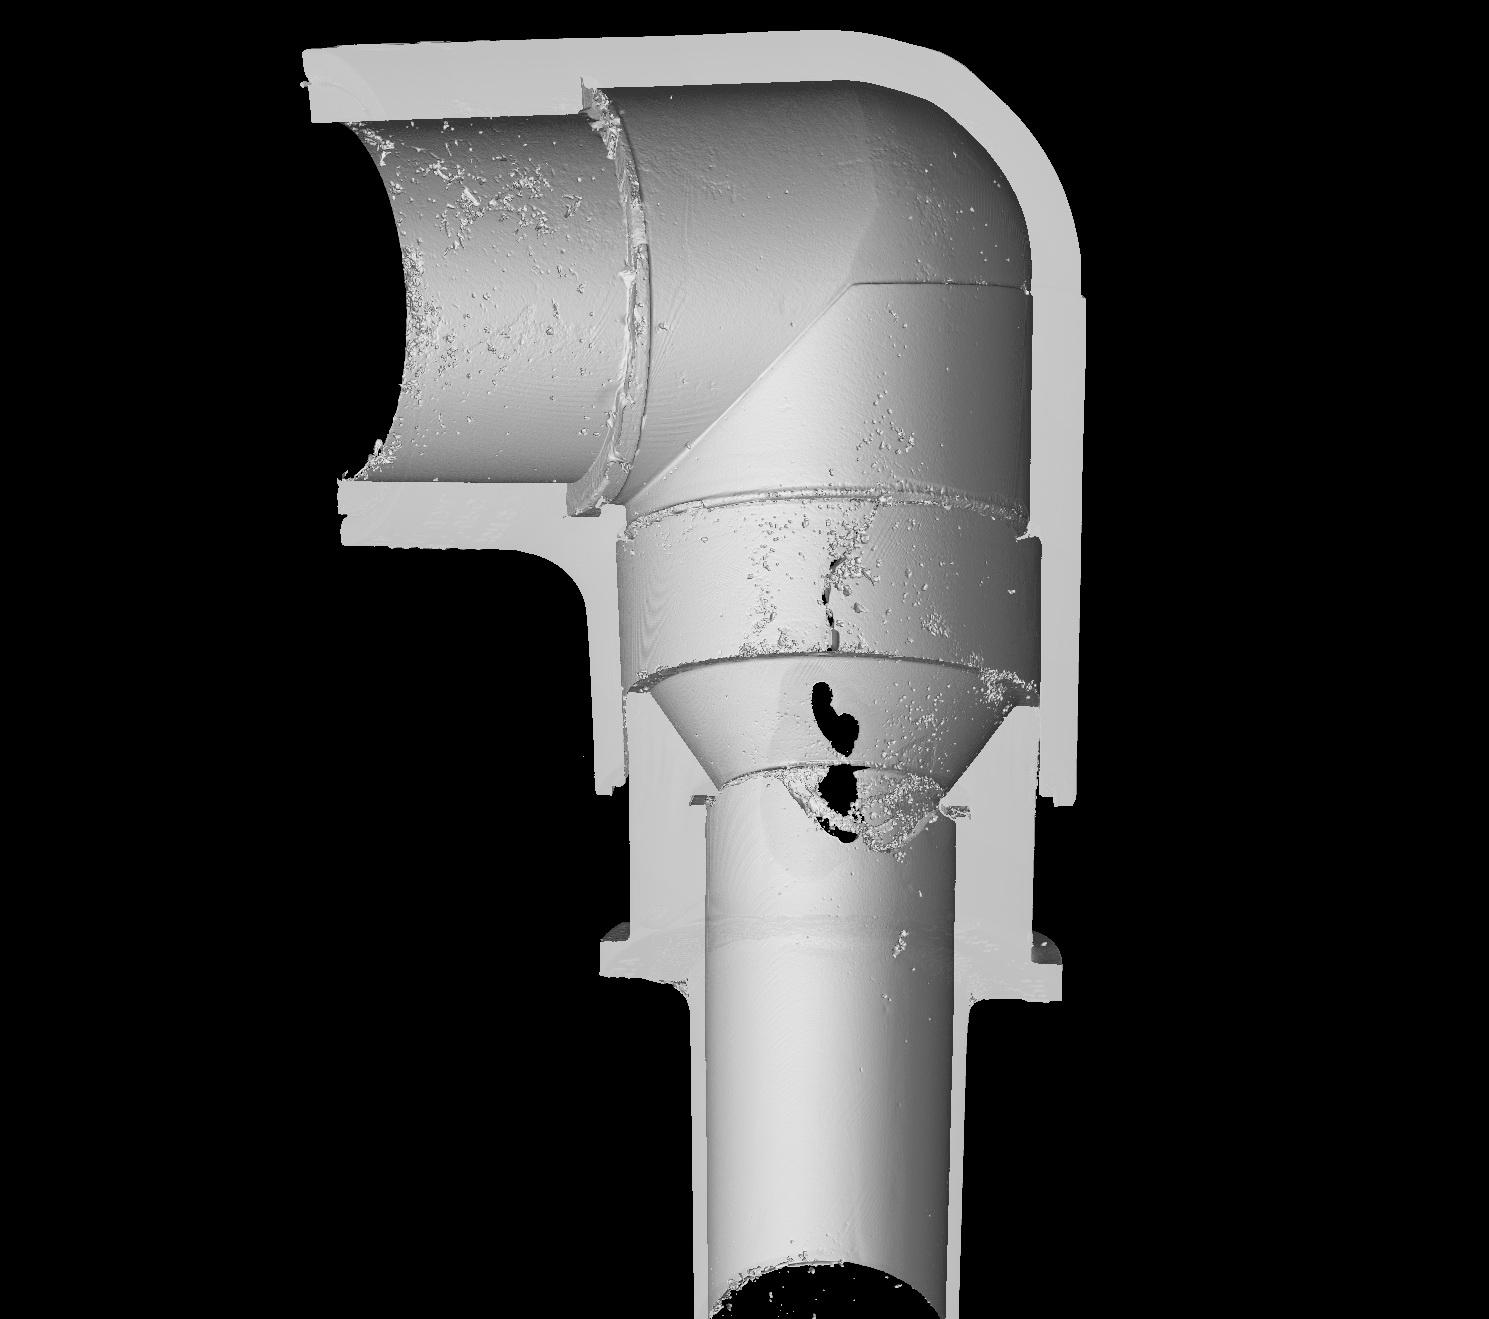 PVC+pipe_5_crop.jpg